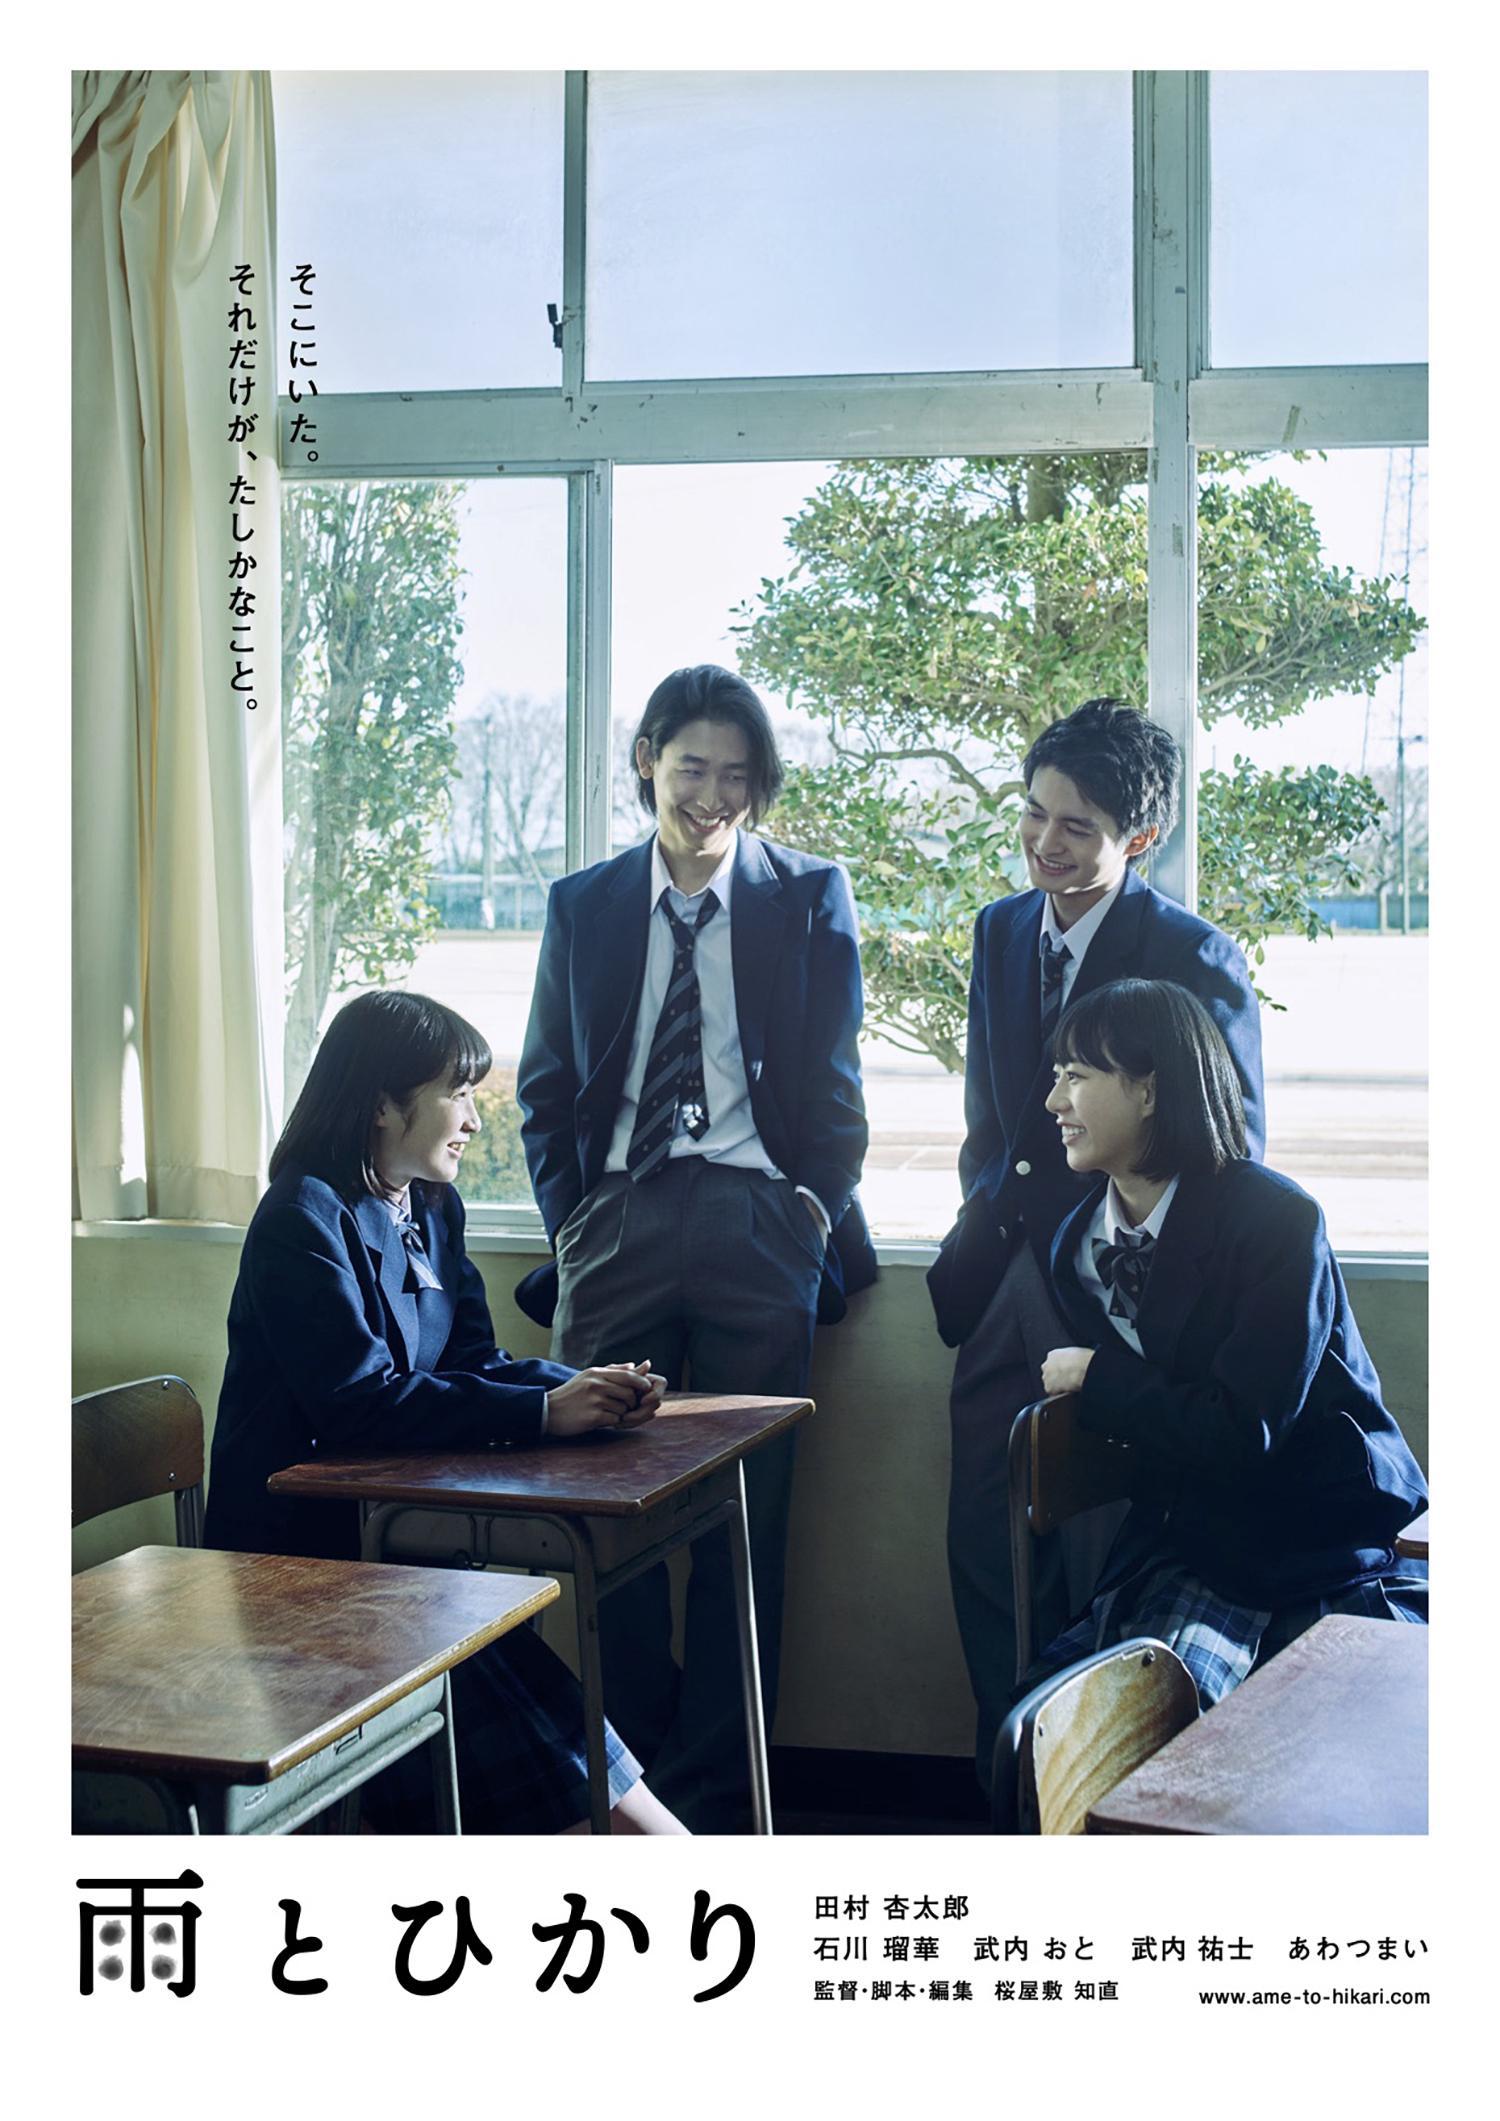 桜屋敷さんが監督・脚本を務めた映画『雨とひかり』。スチールはシュンタロウさんと同社のスタッフが手がけた